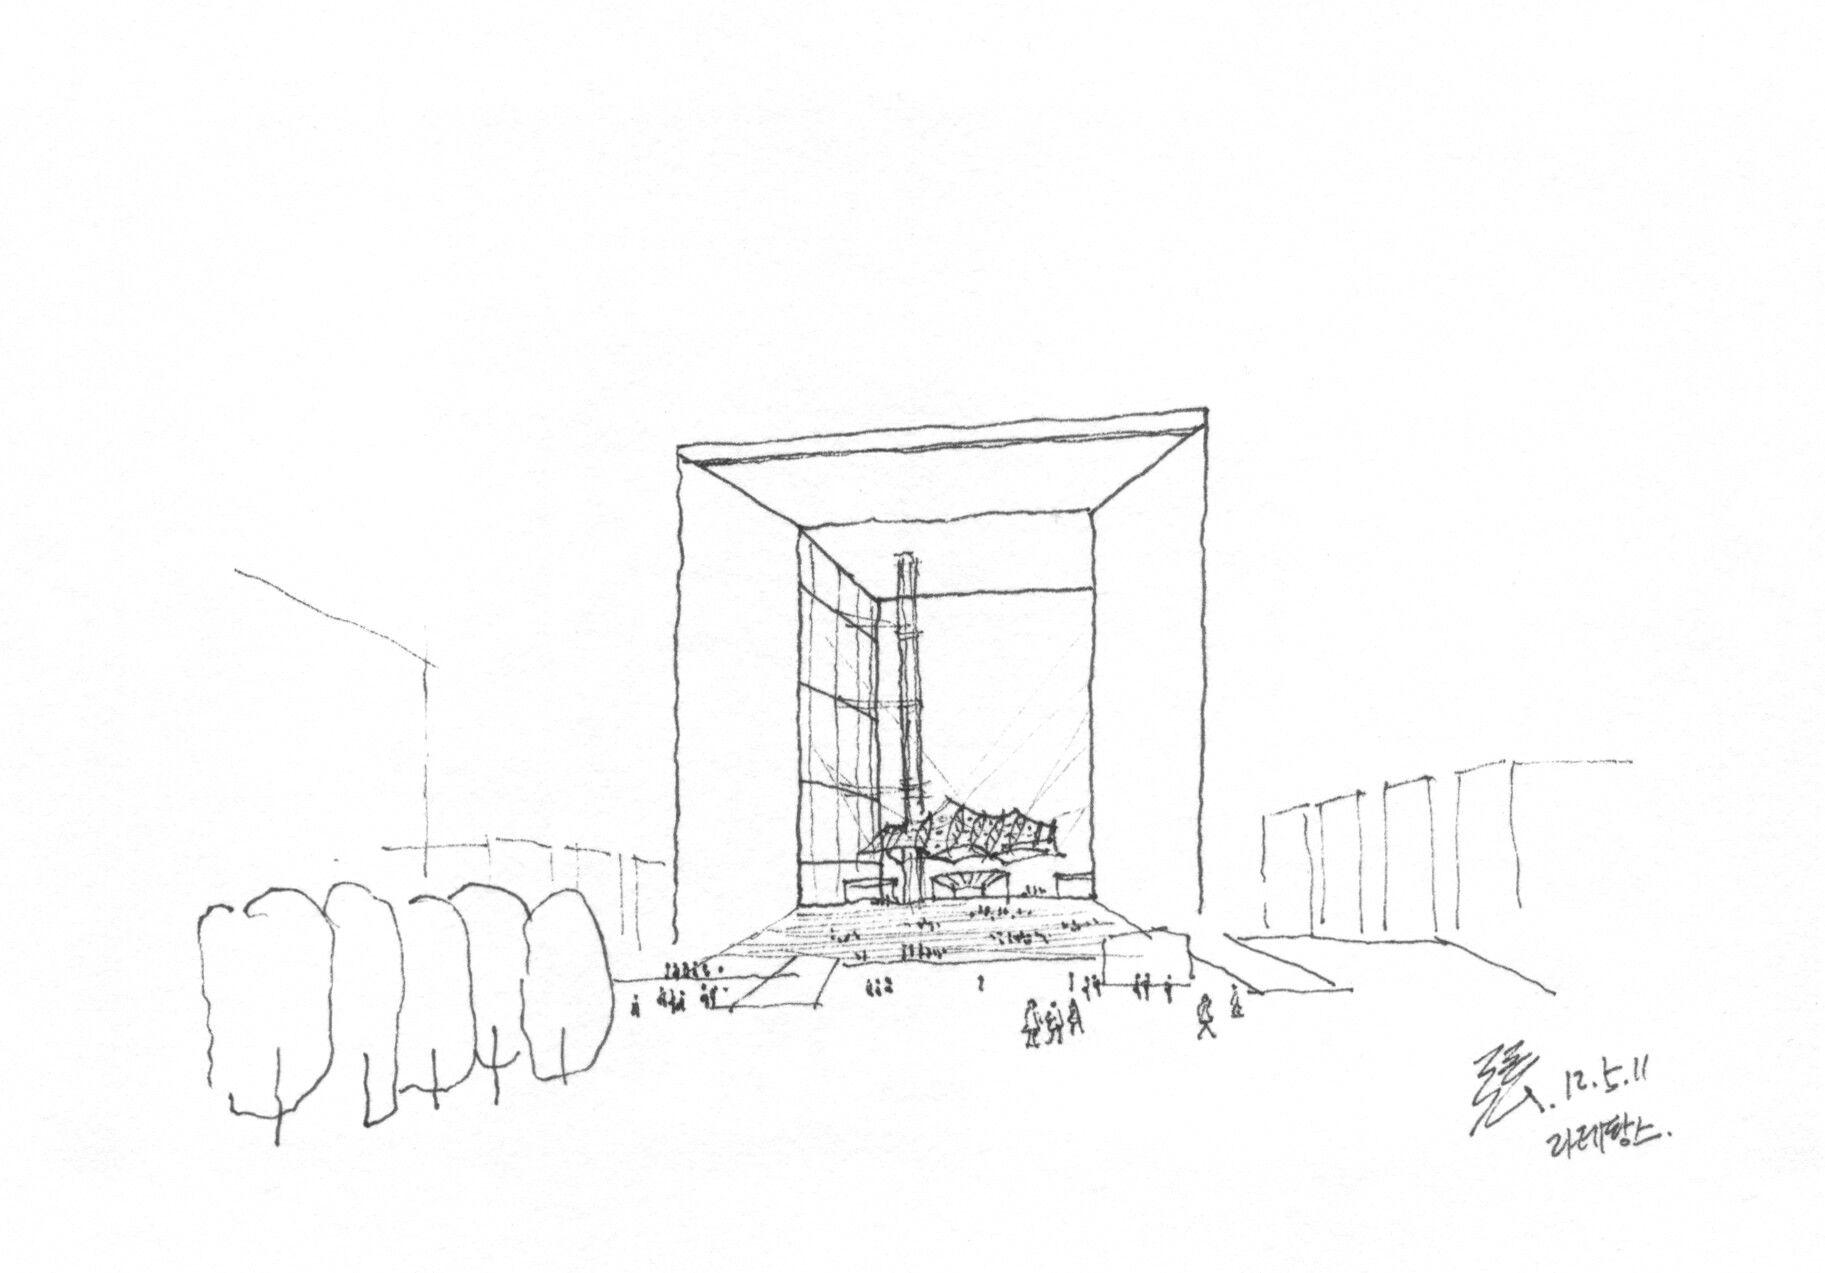 La Grande Arche designed by Johann Otto von Spreckelsen in the La Defense @ Paris, France, 20120511 / Sketch by Youngdong Jang